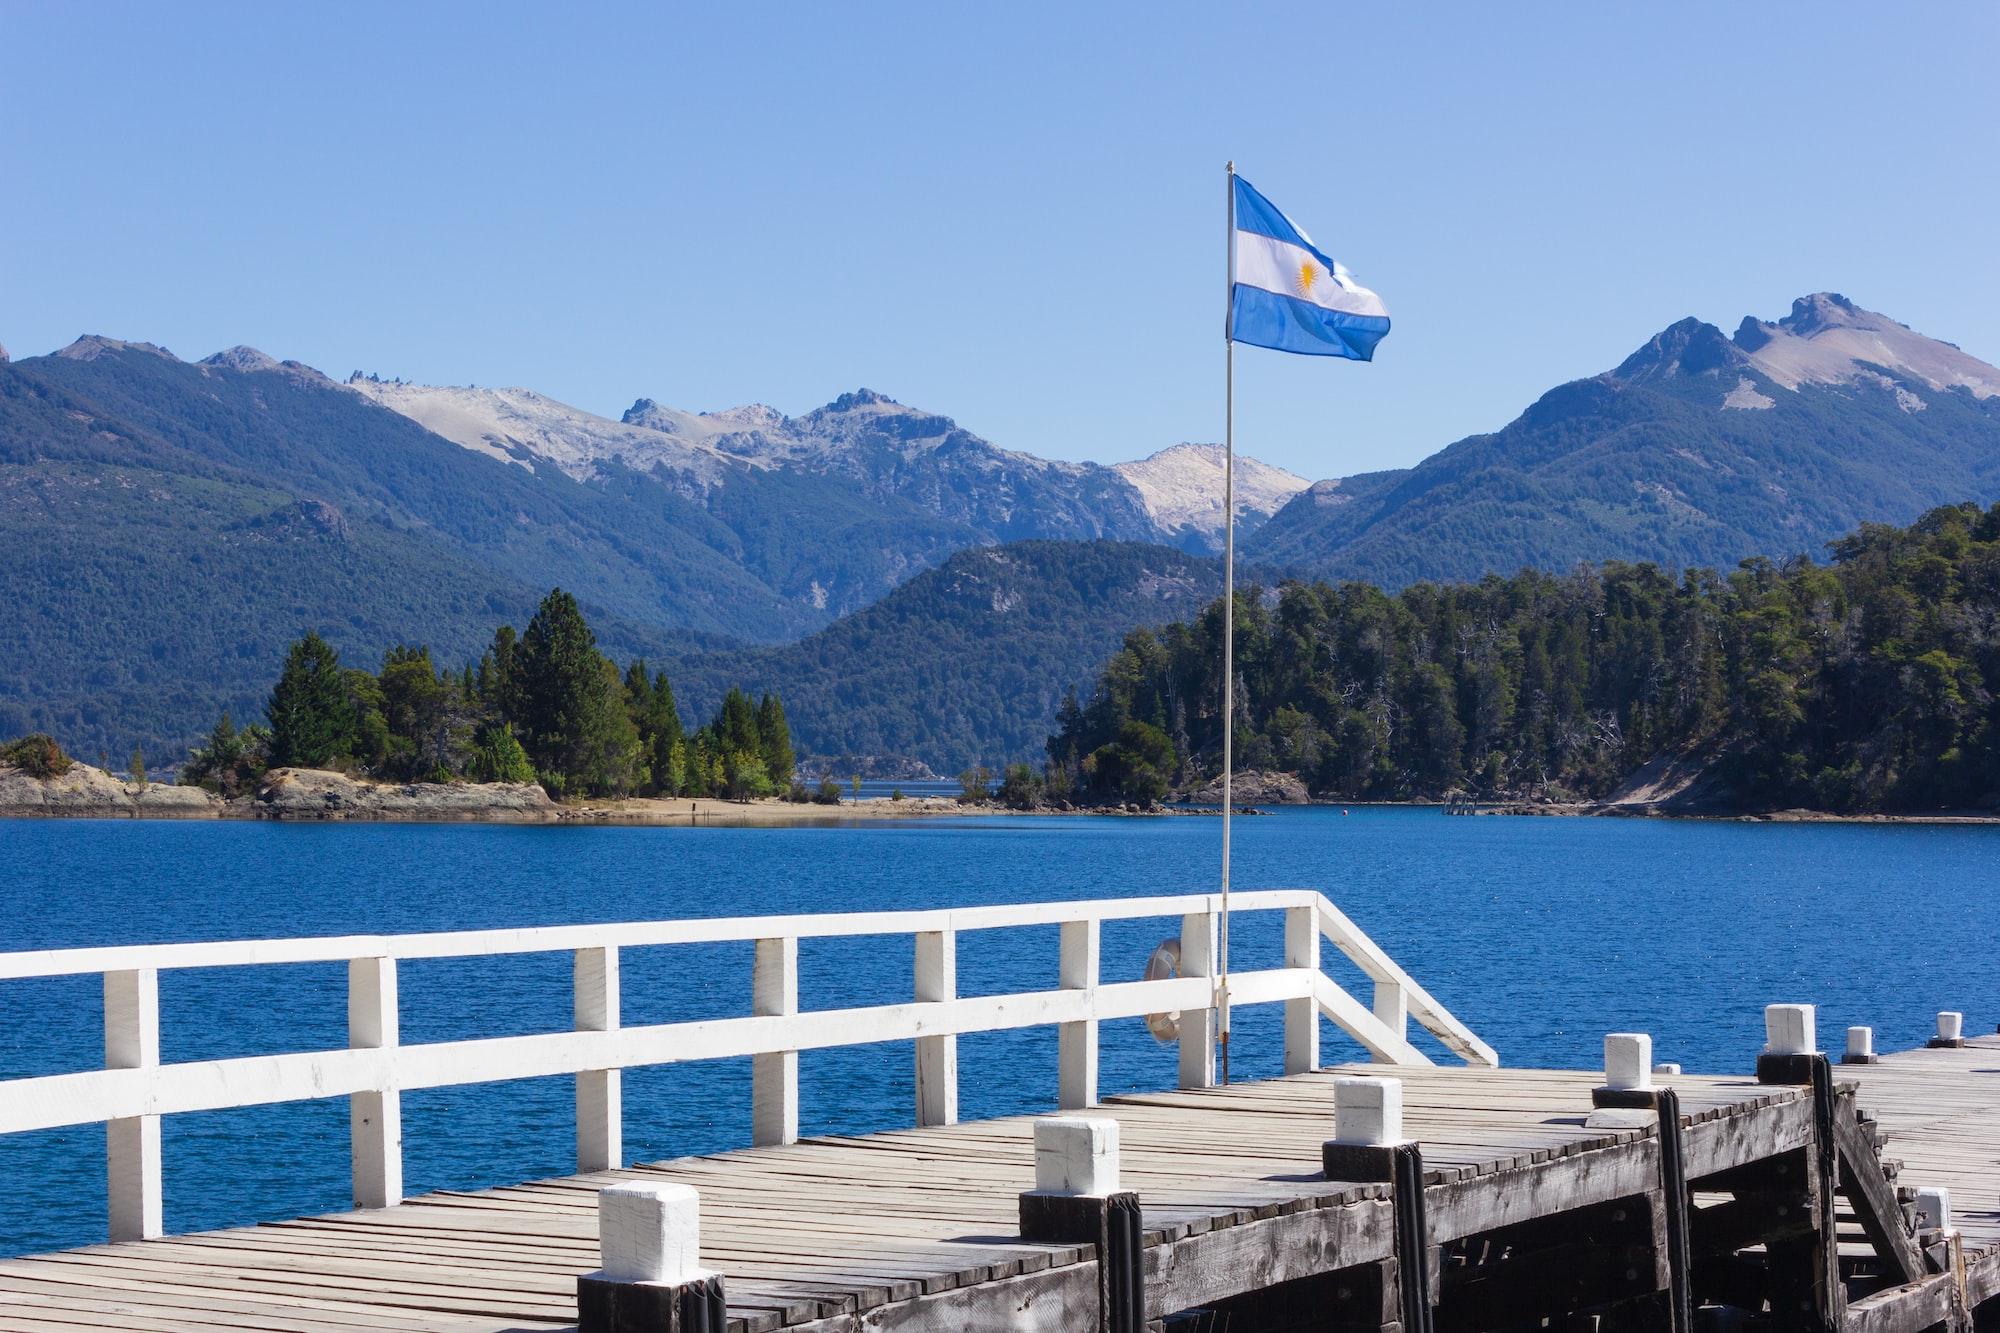 San Carlos de Bariloche, Río Negro, Argentina